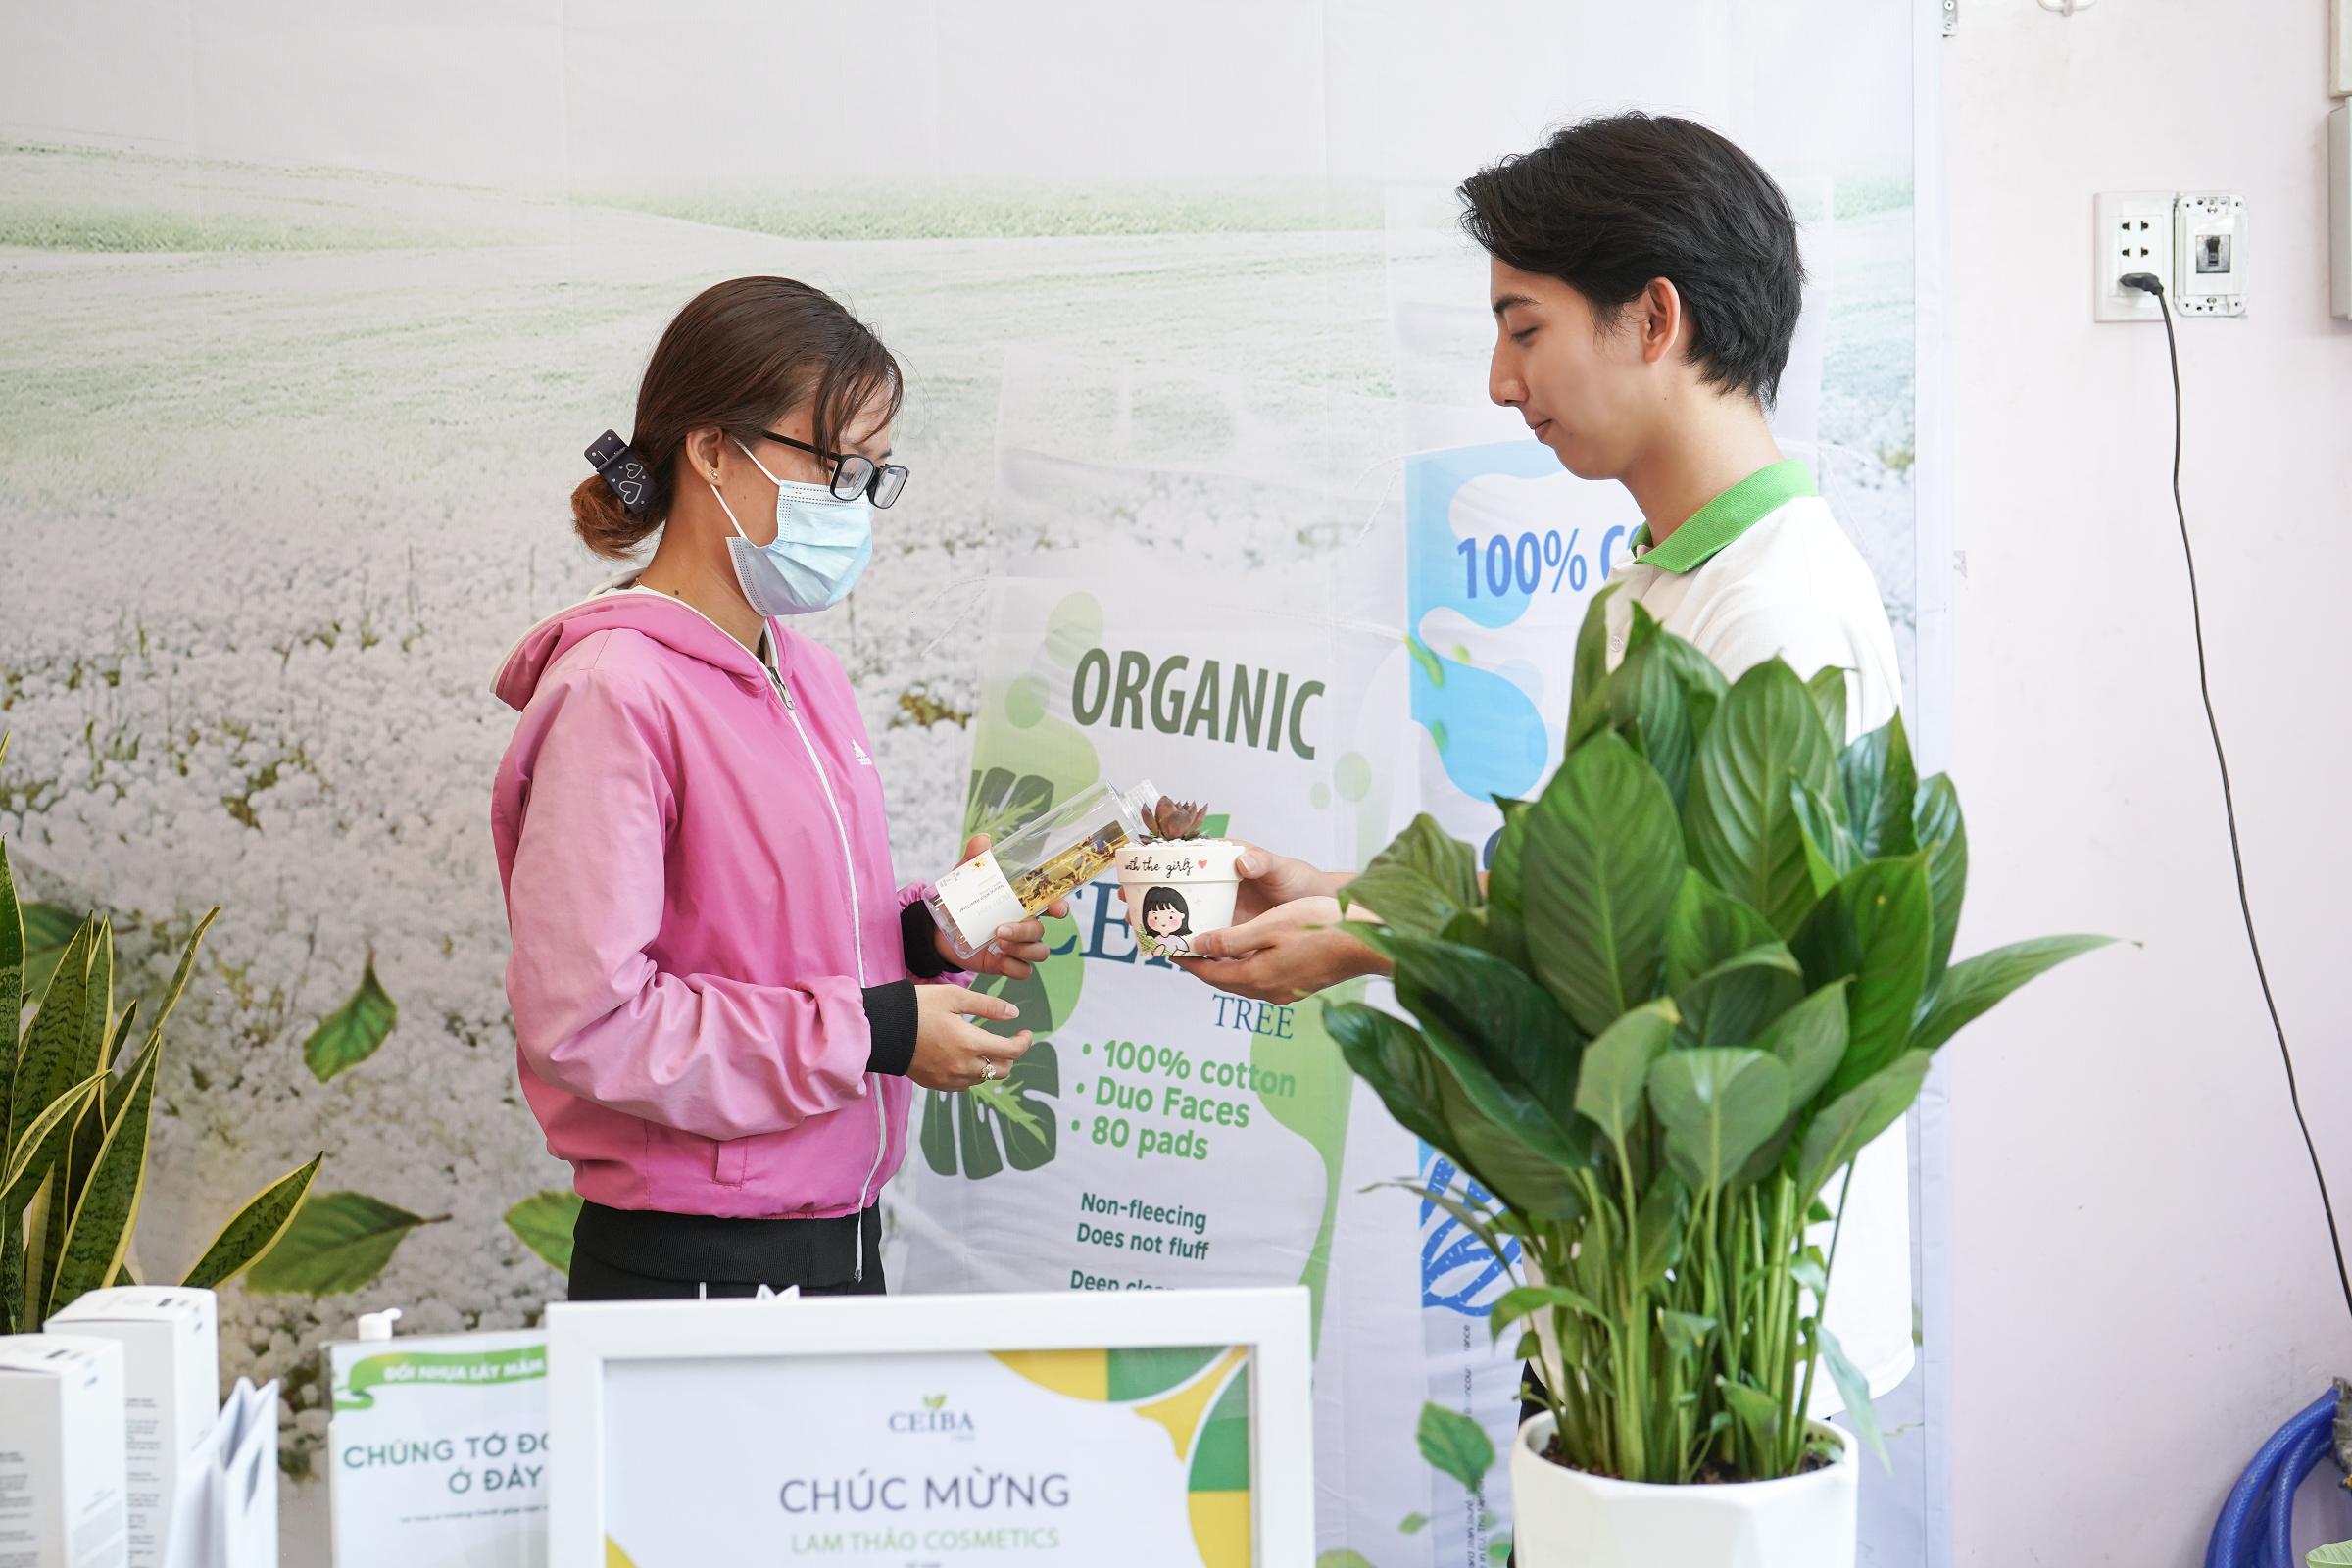 Hơn 200 cây xanh được trao tới các bạn trẻ.